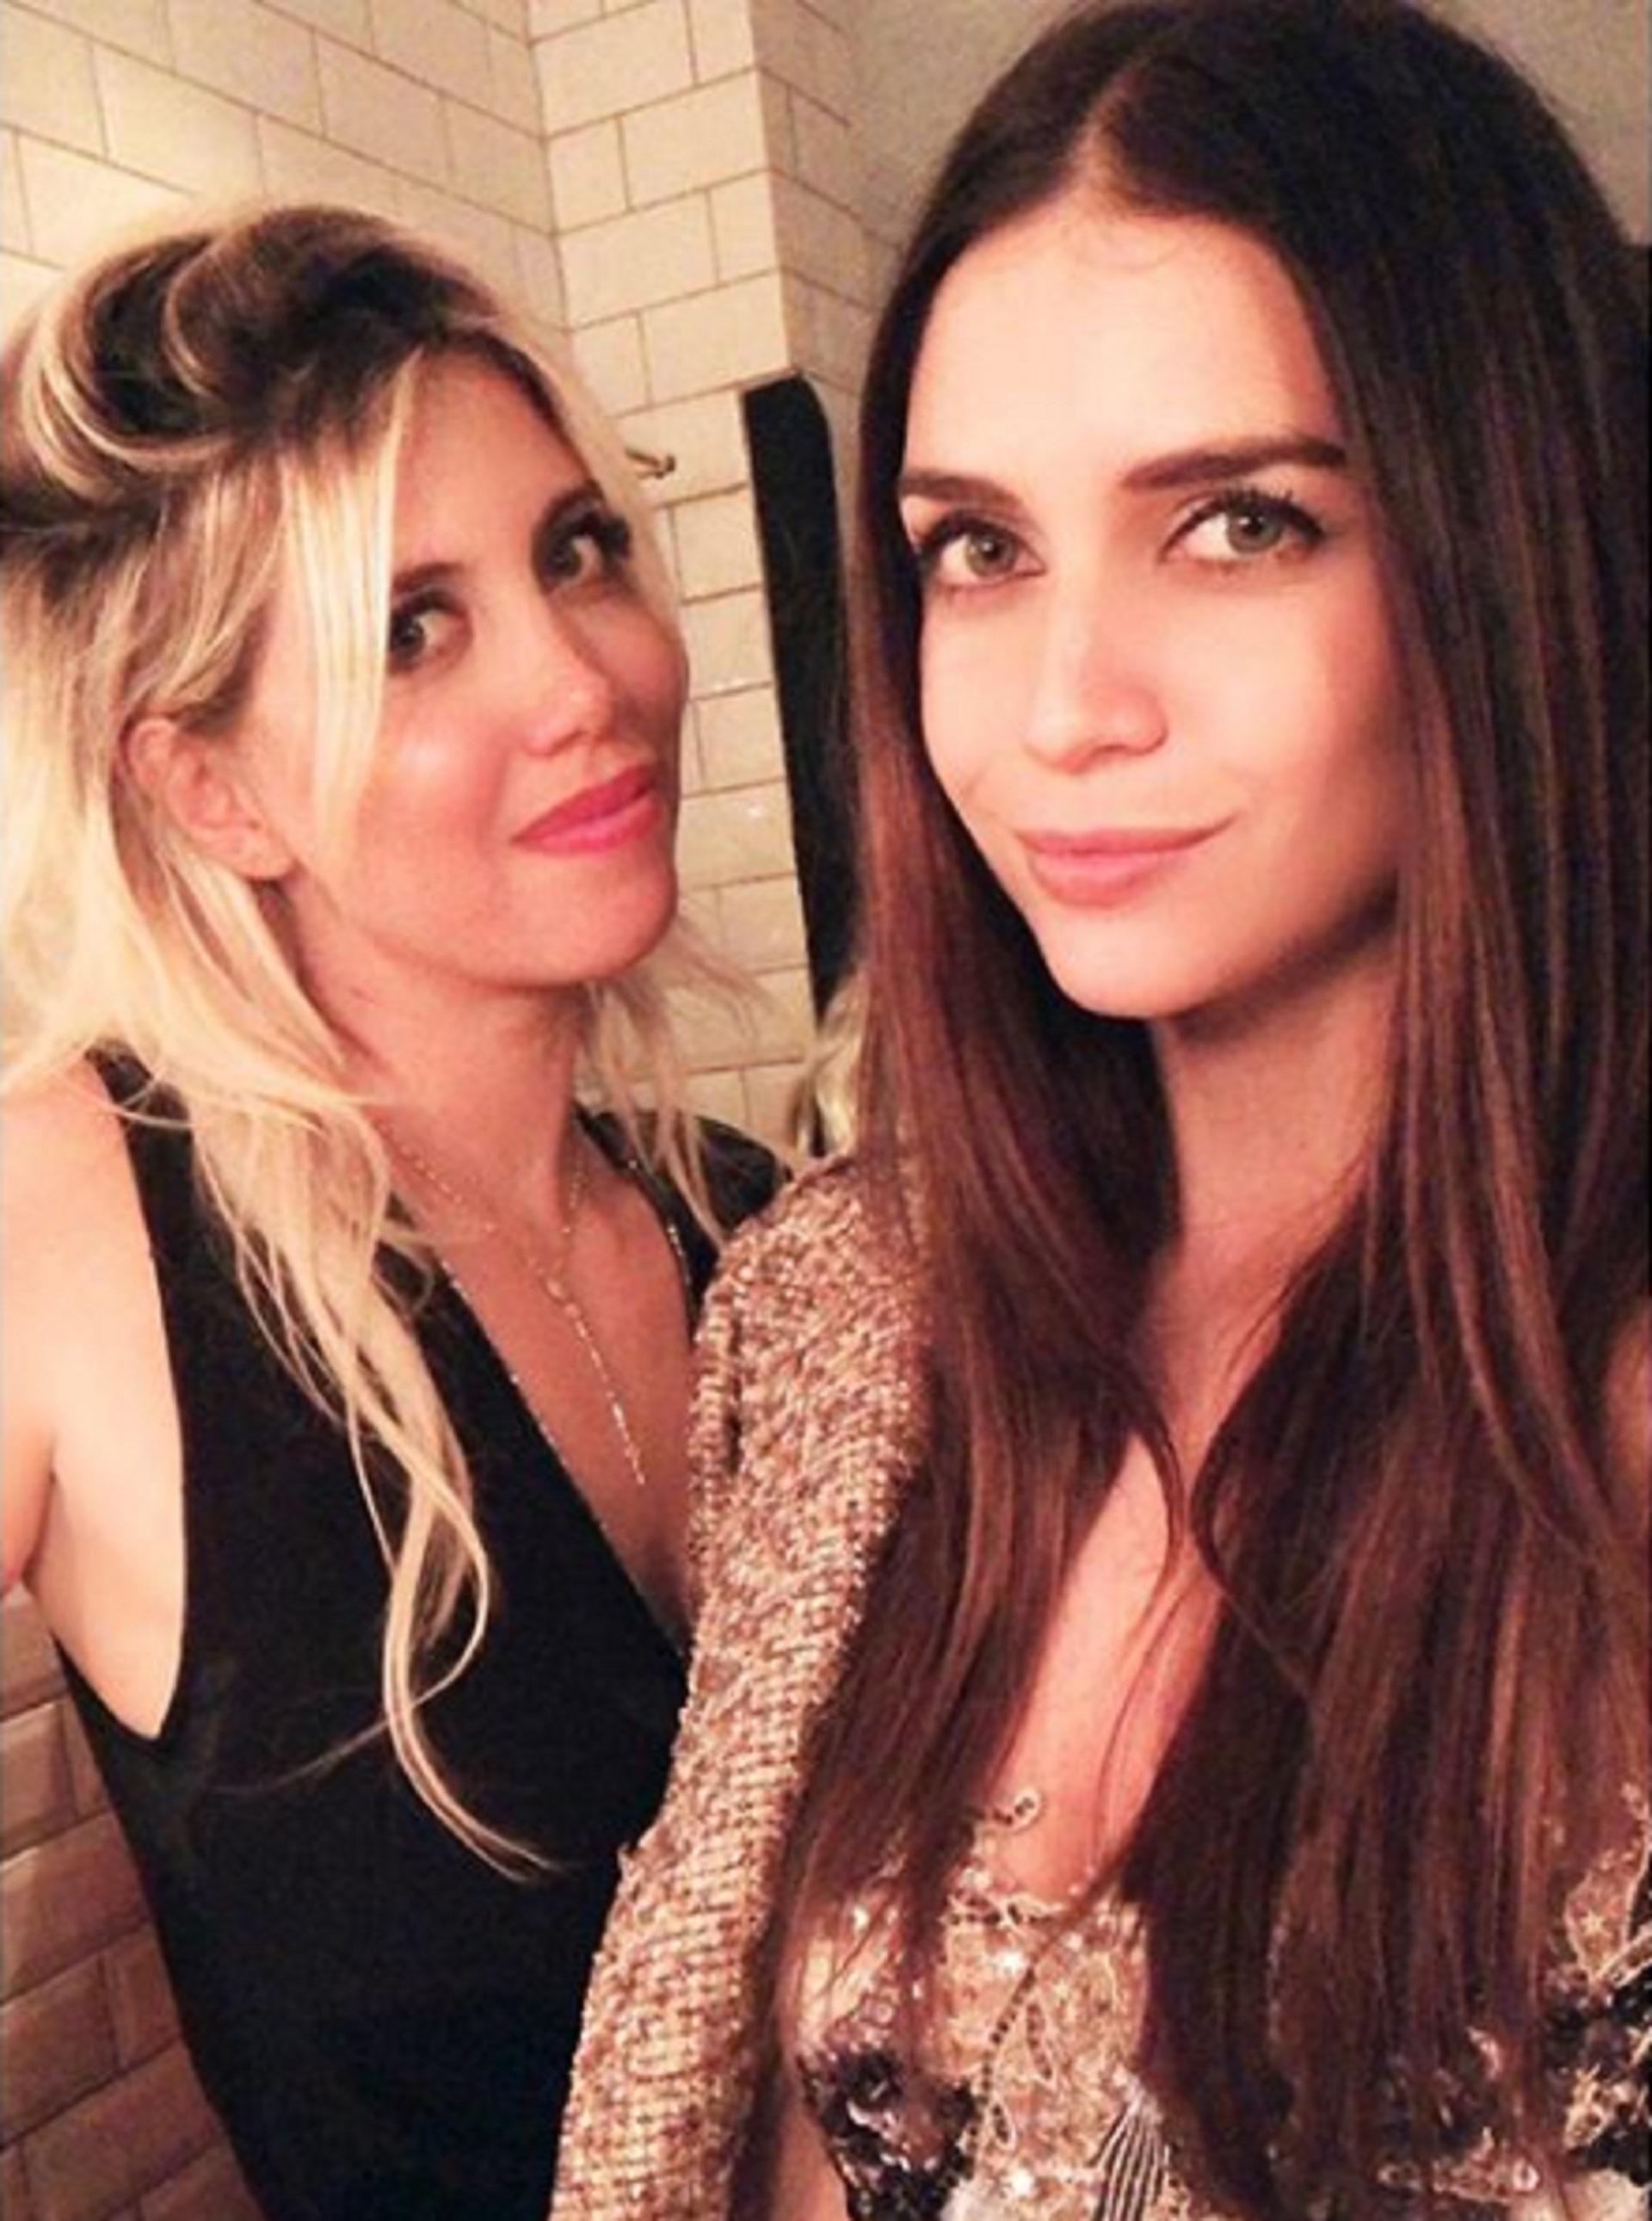 Hermanas inseparables: a pesar de los reproches en las redes, Wanda y Zaira tienen una excelente relación